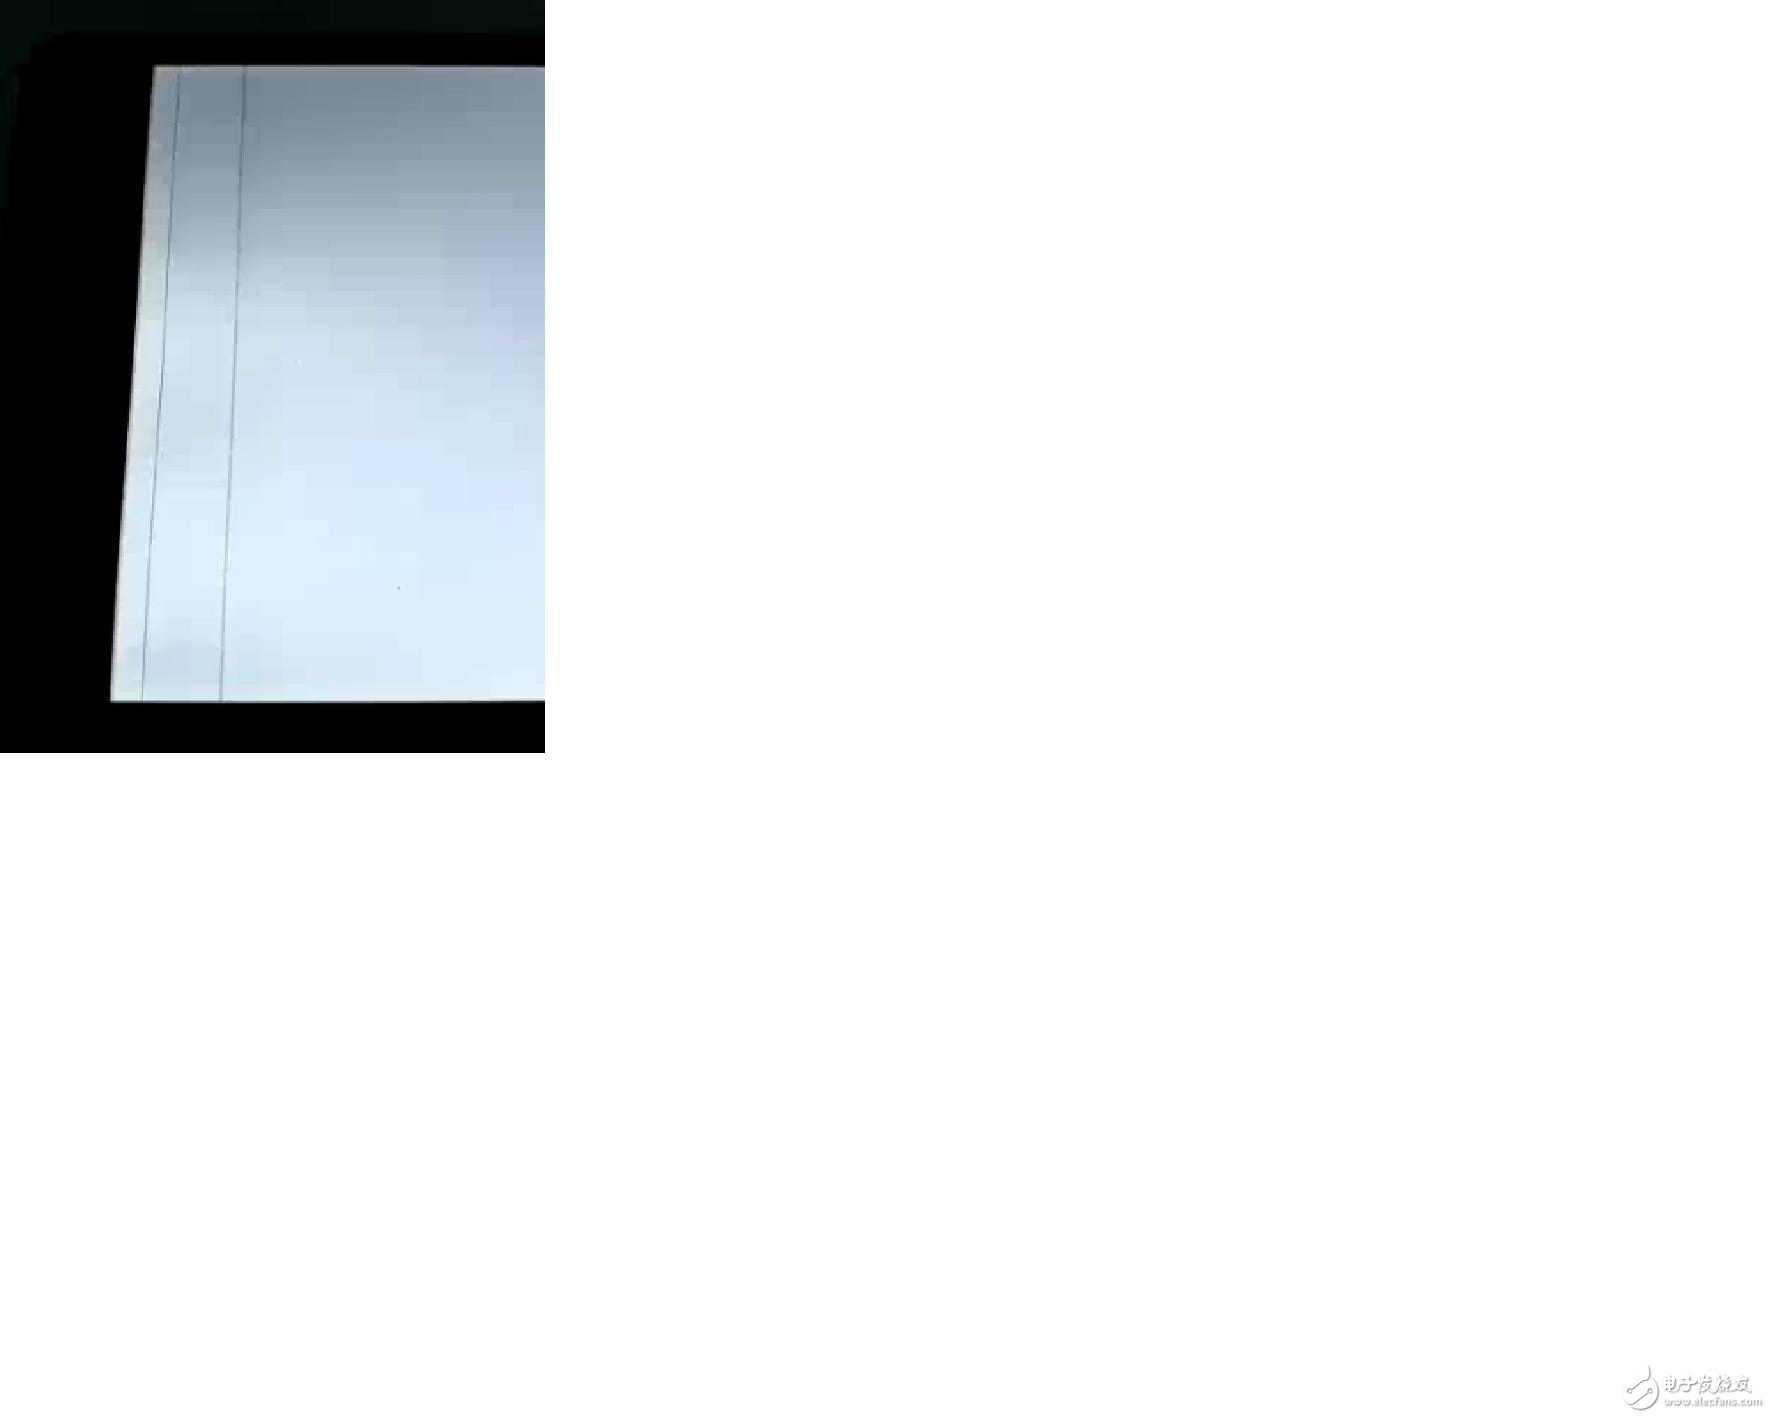 平板电脑屏幕出现竖线